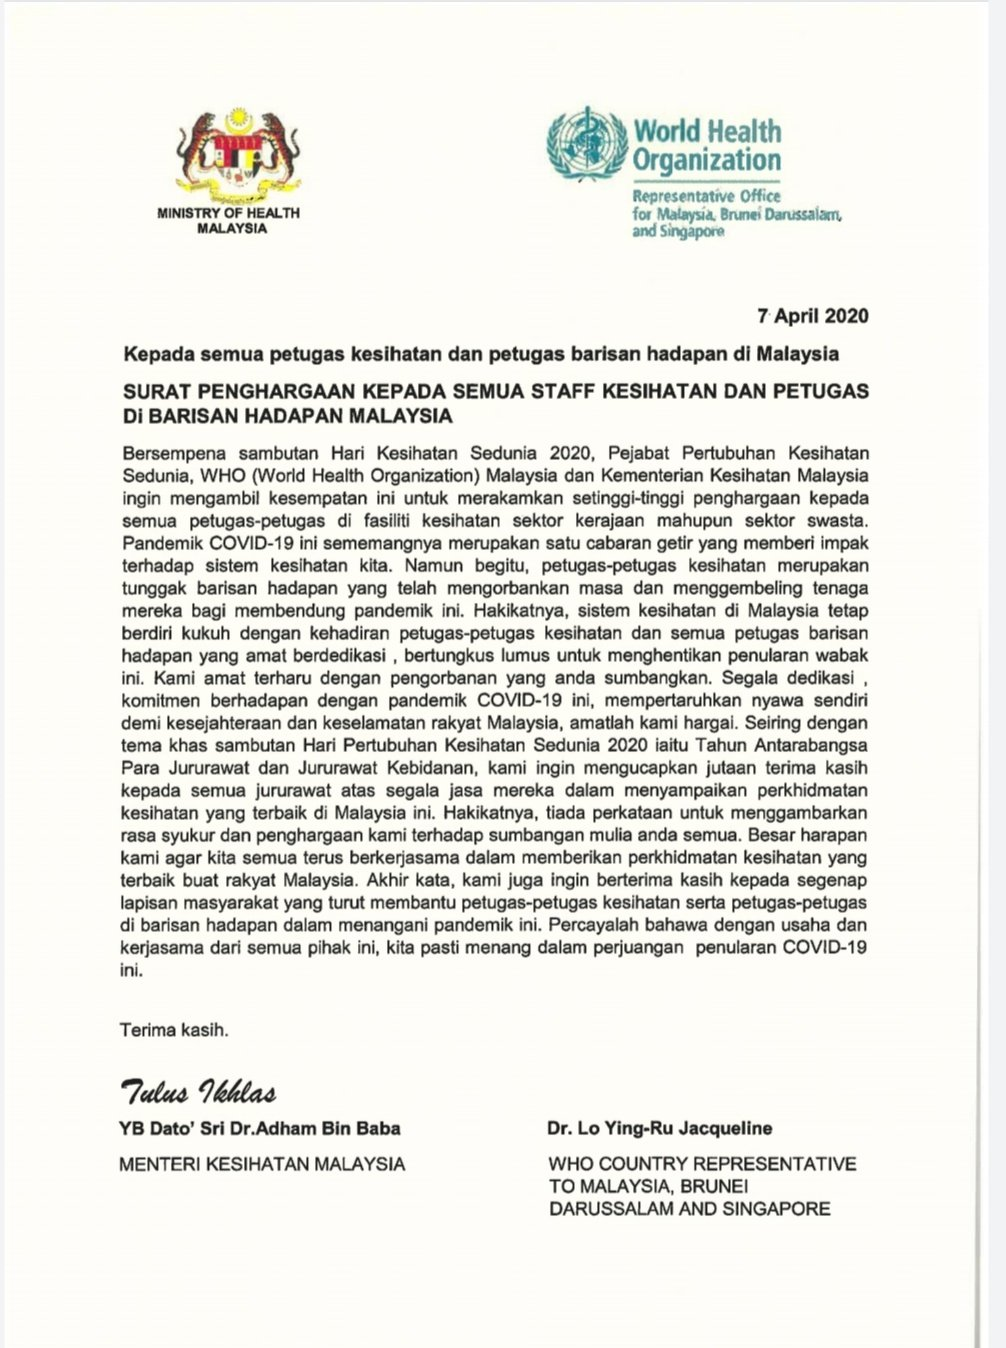 Kkmalaysia On Twitter Surat Penghargaan Kepada Semua Kakitangan Kesihatan Dan Petugas Di Barisan Hadapan Malaysia Sempena Hari Kesihatan Sedunia 2020 Appreciation Letter To Our Healthcare Workers And Other Frontline In Malaysia Muhyiddinyassin